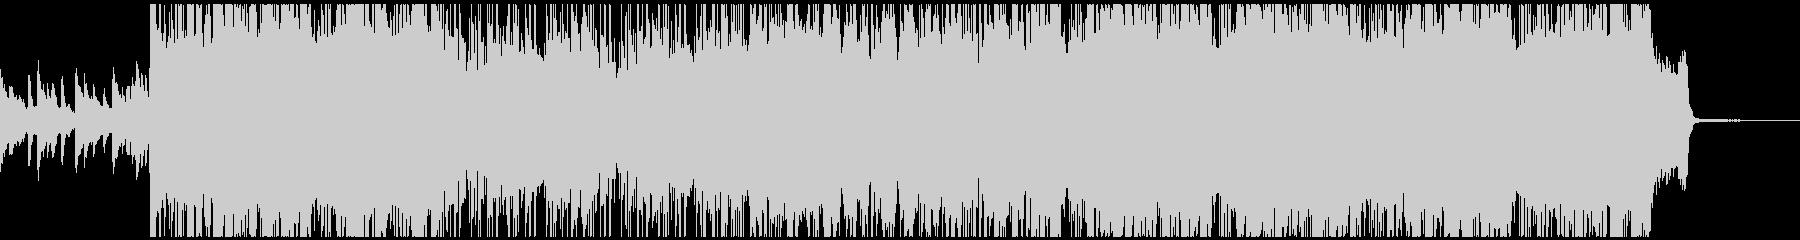 ギターとストリングスによる分厚いサウンドの未再生の波形